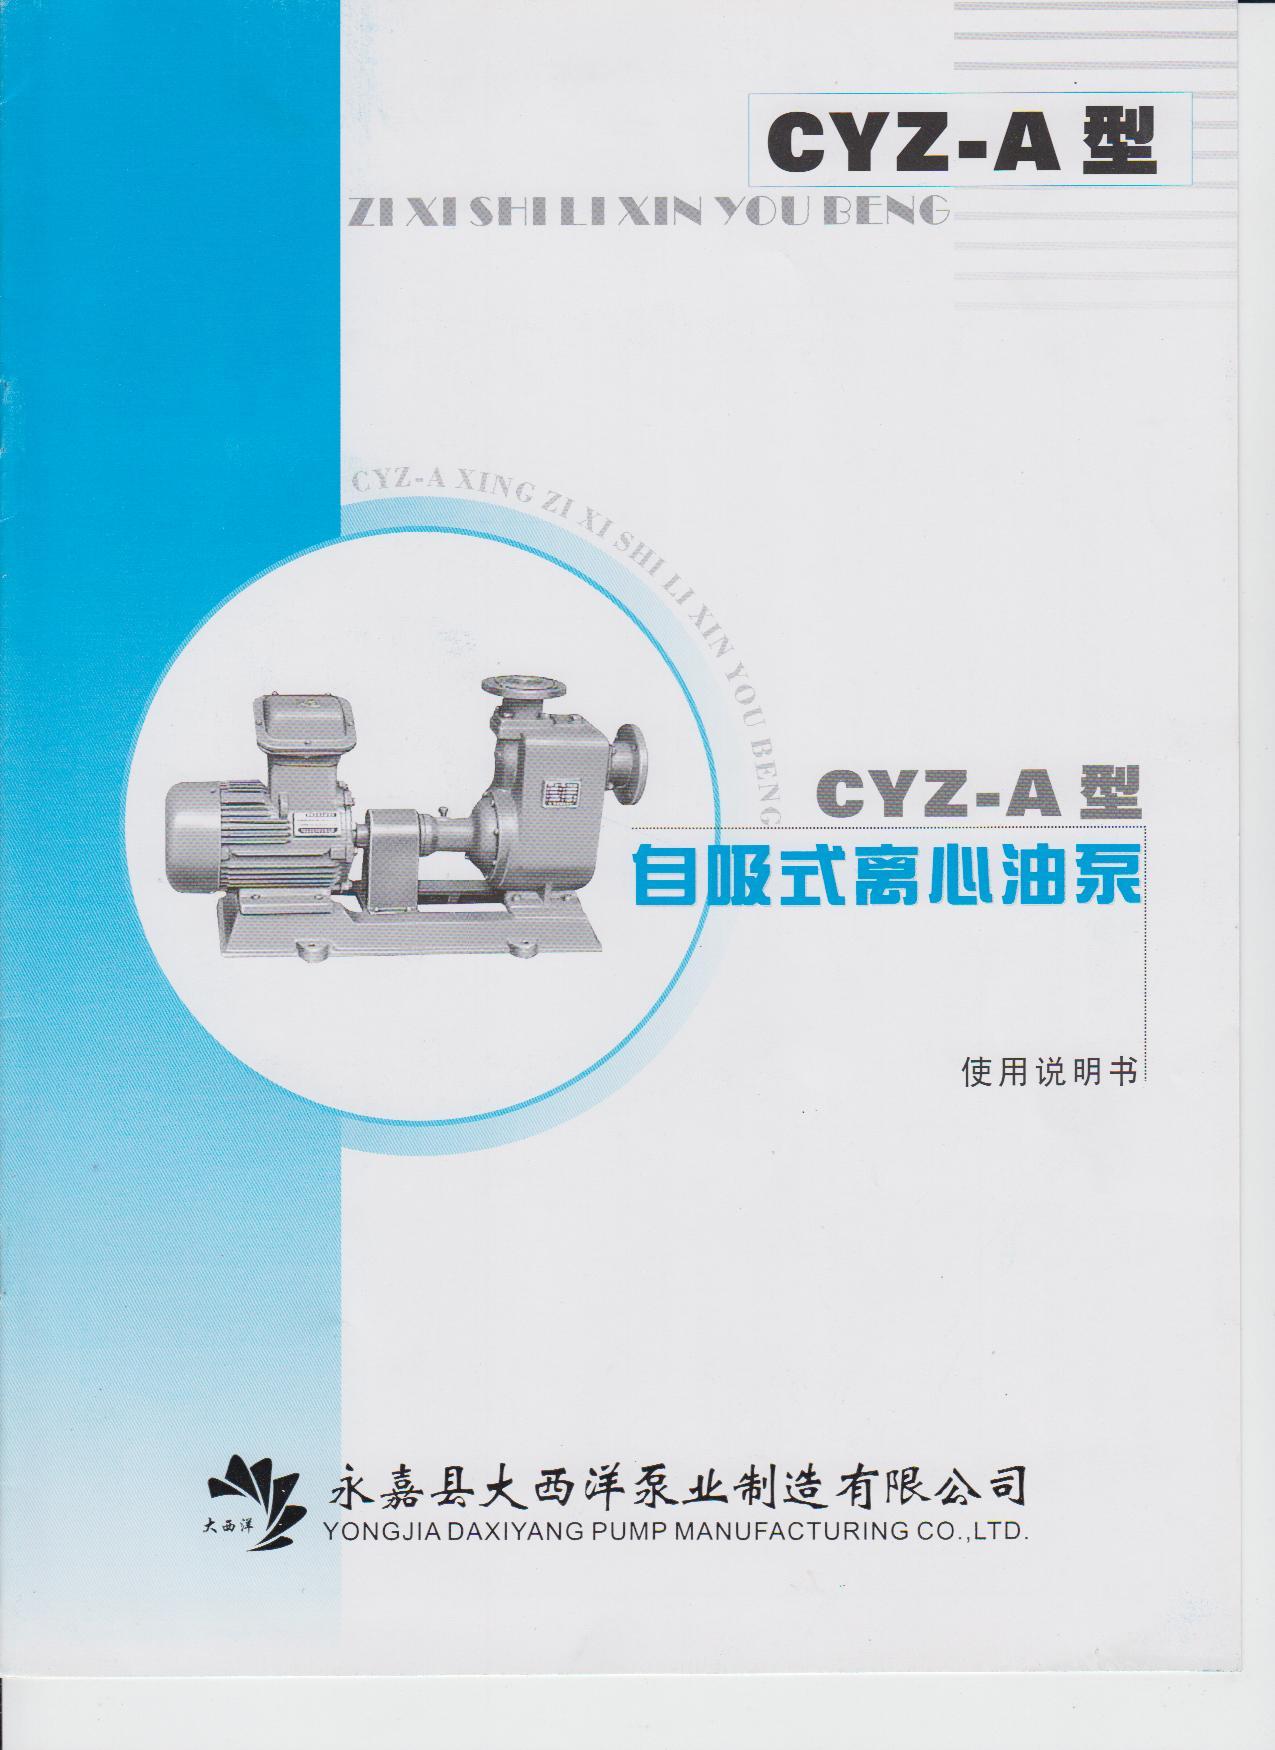 CYZ-A不锈钢自吸油泵使用说明书及图册